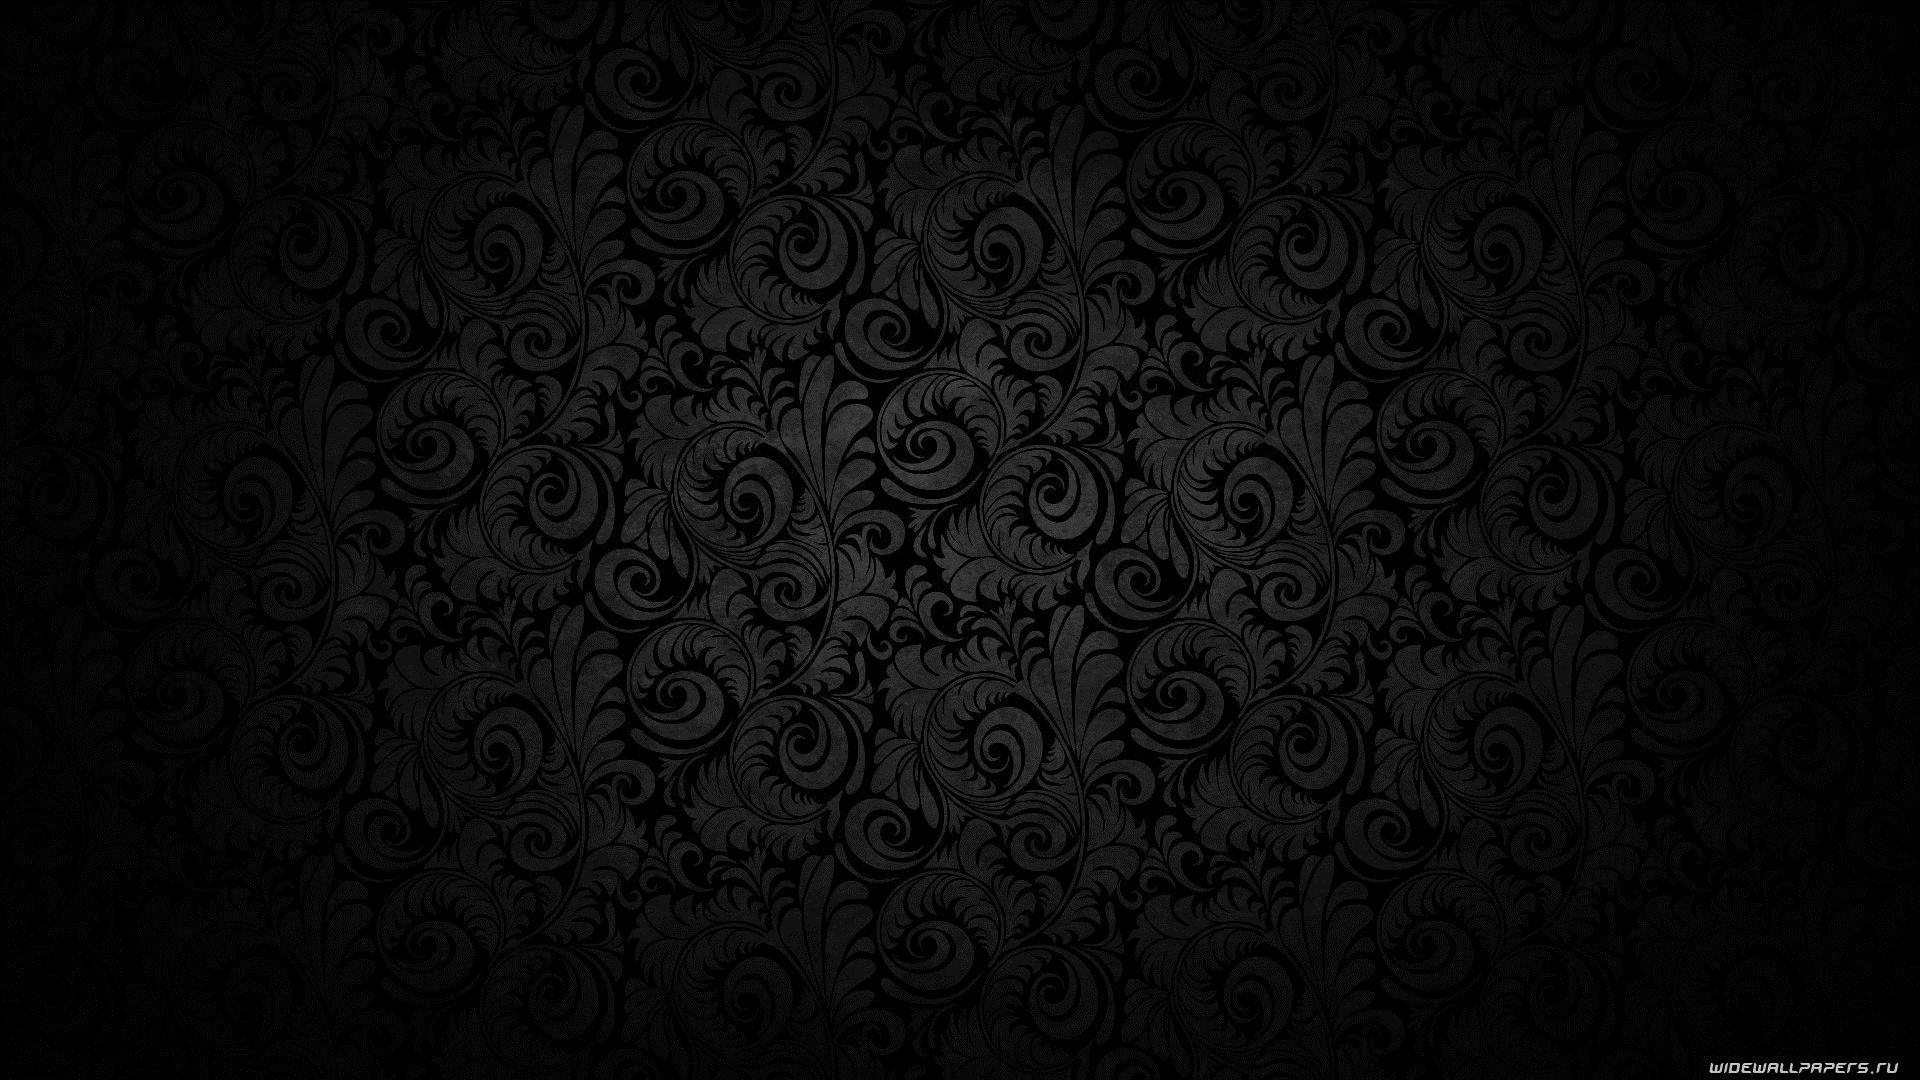 Картинки с черным фоном на рабочий стол   подборка (7)